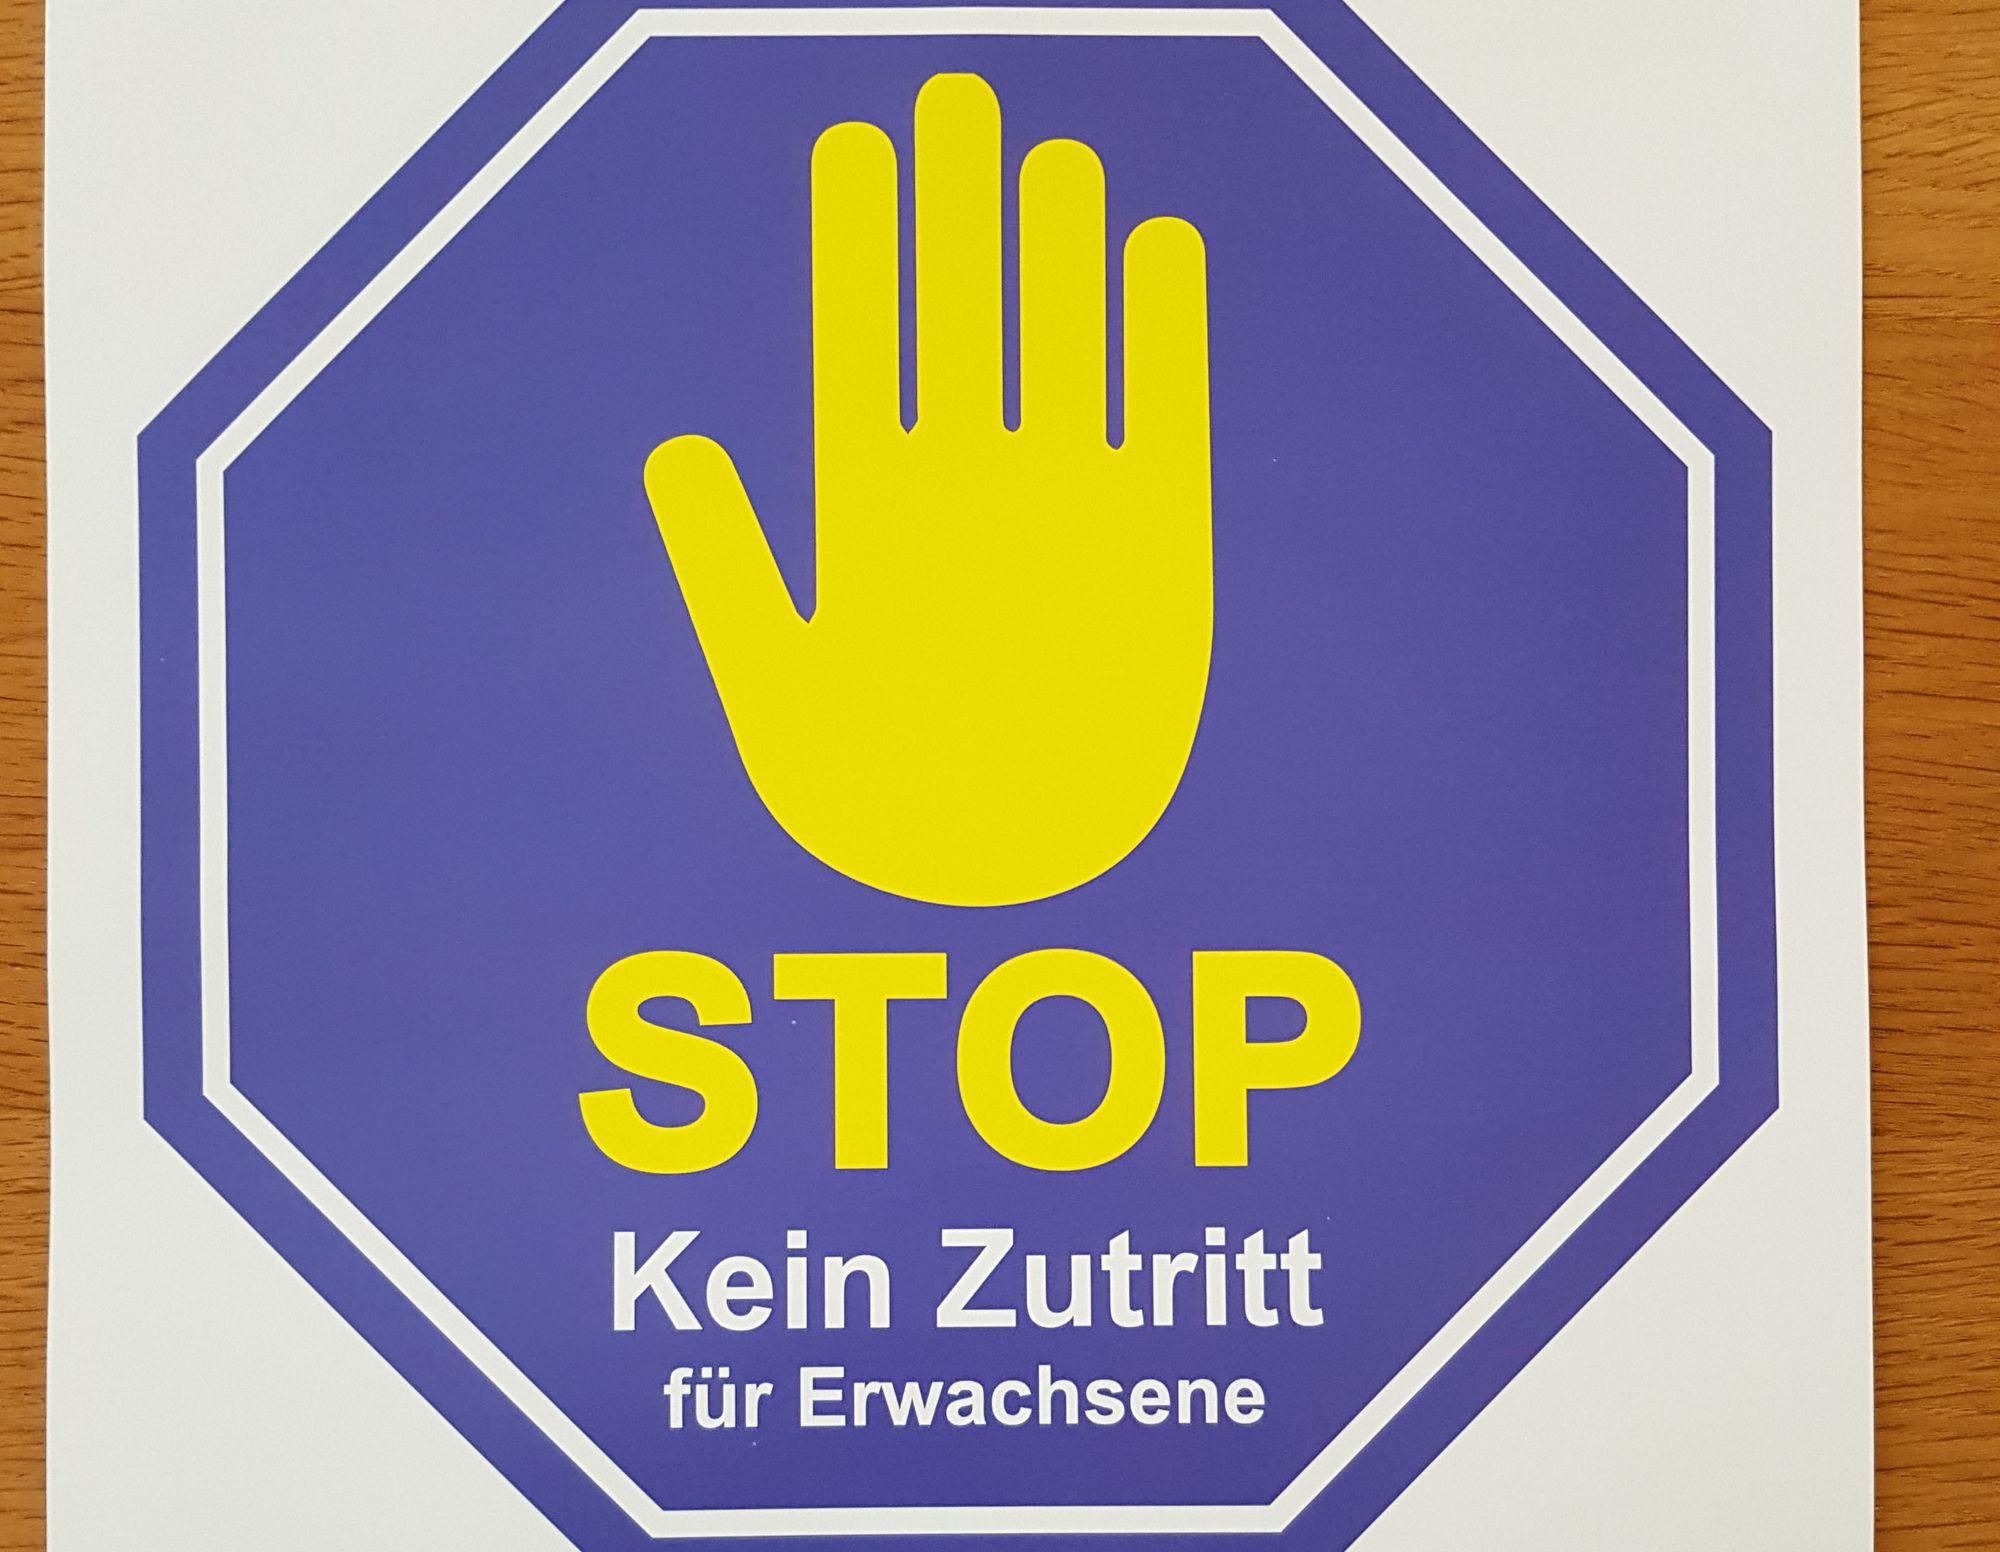 STOPP-Schild für Erwachsene, Kein Zutritt zum Makerspace.